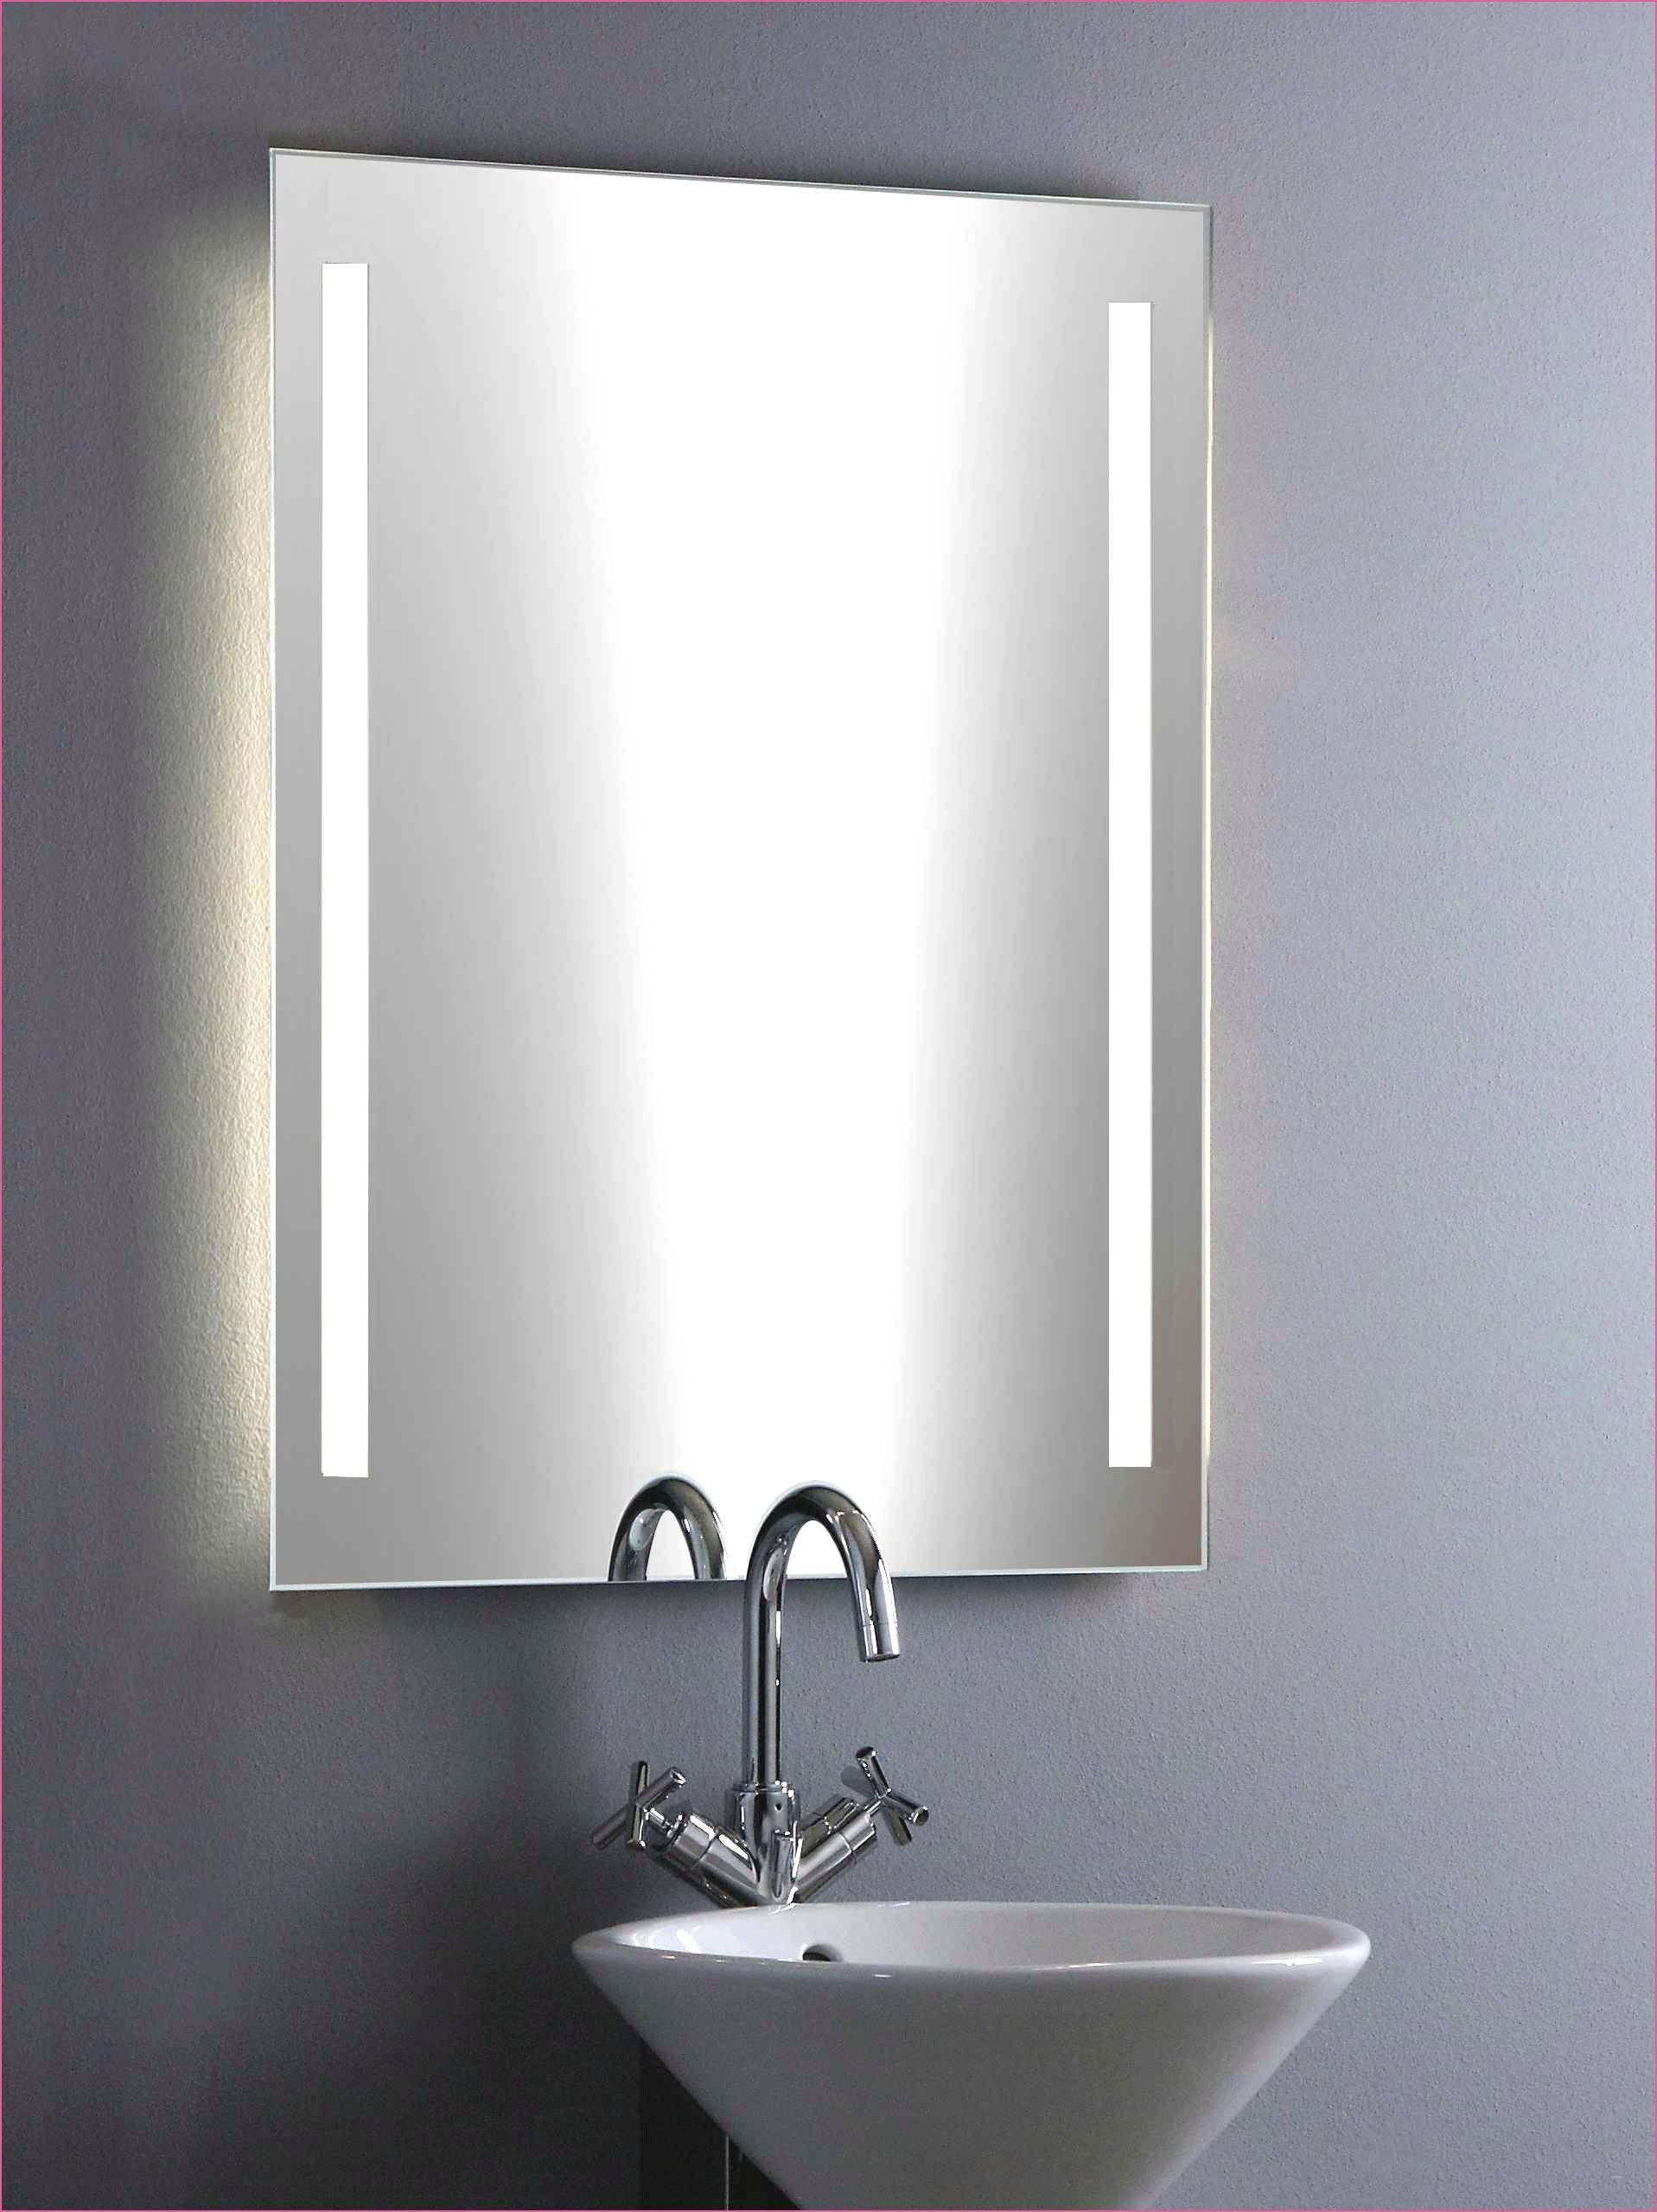 Dekorativer Spiegel Rund In 2020 Badezimmerbeleuchtung Badezimmer Licht Beleuchtung